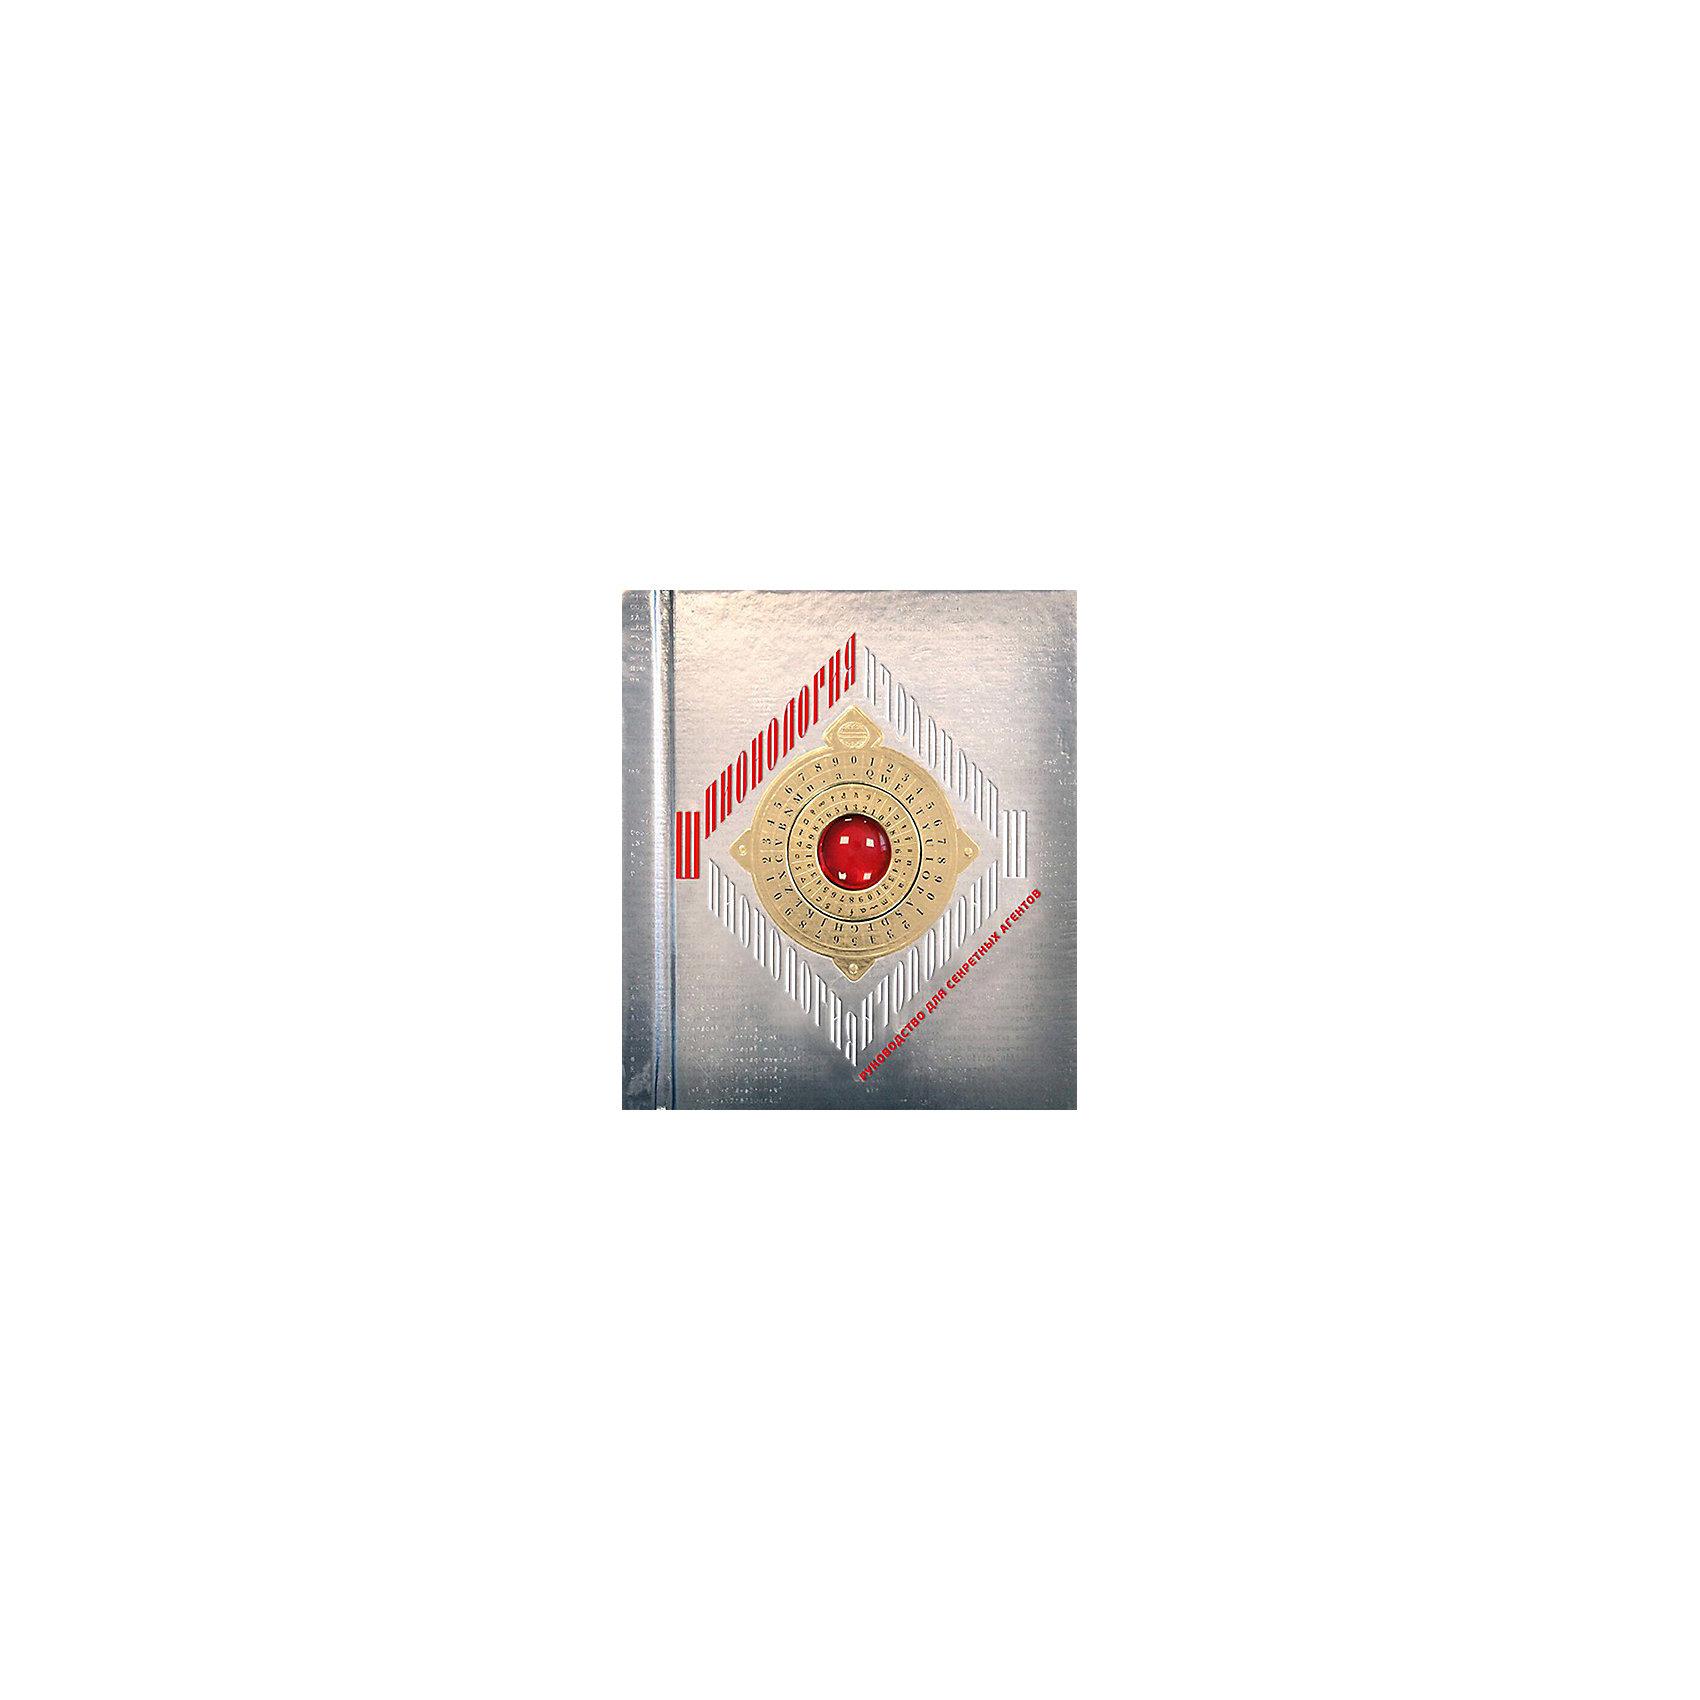 Книга ШпионологияКниги для развития творческих навыков<br>Книга Шпионология.<br><br>Характеристики:<br><br>• Переводчик: Амченков Юрий<br>• Редактор: Красновская Ольга, Шадрина Ирина<br>• Издательство: Махаон, 2010 г.<br>• Серия: Тайны и сокровища<br>• Тип обложки: 7Бц - твердая, целлофанированная (или лакированная)<br>• Оформление: вырубка, тиснение золотом, тиснение серебром, тиснение цветное, текстильные и пластиковые вставки, с подвижными элементами<br>• Иллюстрации: черно-белые, цветные<br> • Количество страниц: 28 (картон)<br>• Размер: 307x260х23 мм.<br>• Вес: 1100 гр.<br>• ISBN: 9785389009585<br><br>Отвага и хитрость, ловкость и сообразительность – надежные союзники сотрудника спецслужб, стремящегося стать асом разведки. Суперагент должен с легкостью взламывать головоломные шифры, составлять неуязвимые легенды, владеть искусством камуфляжа, уметь проникать в самые секретные вражеские организации. Лишь те немногие, кто обладает достаточно острым умом, чтобы постичь тайны шпионологии, получат шанс служить своей стране в качестве агентов под прикрытием.<br><br>Книгу Шпионология можно купить в нашем интернет-магазине.<br><br>Ширина мм: 307<br>Глубина мм: 260<br>Высота мм: 230<br>Вес г: 1100<br>Возраст от месяцев: 132<br>Возраст до месяцев: 168<br>Пол: Мужской<br>Возраст: Детский<br>SKU: 5493495